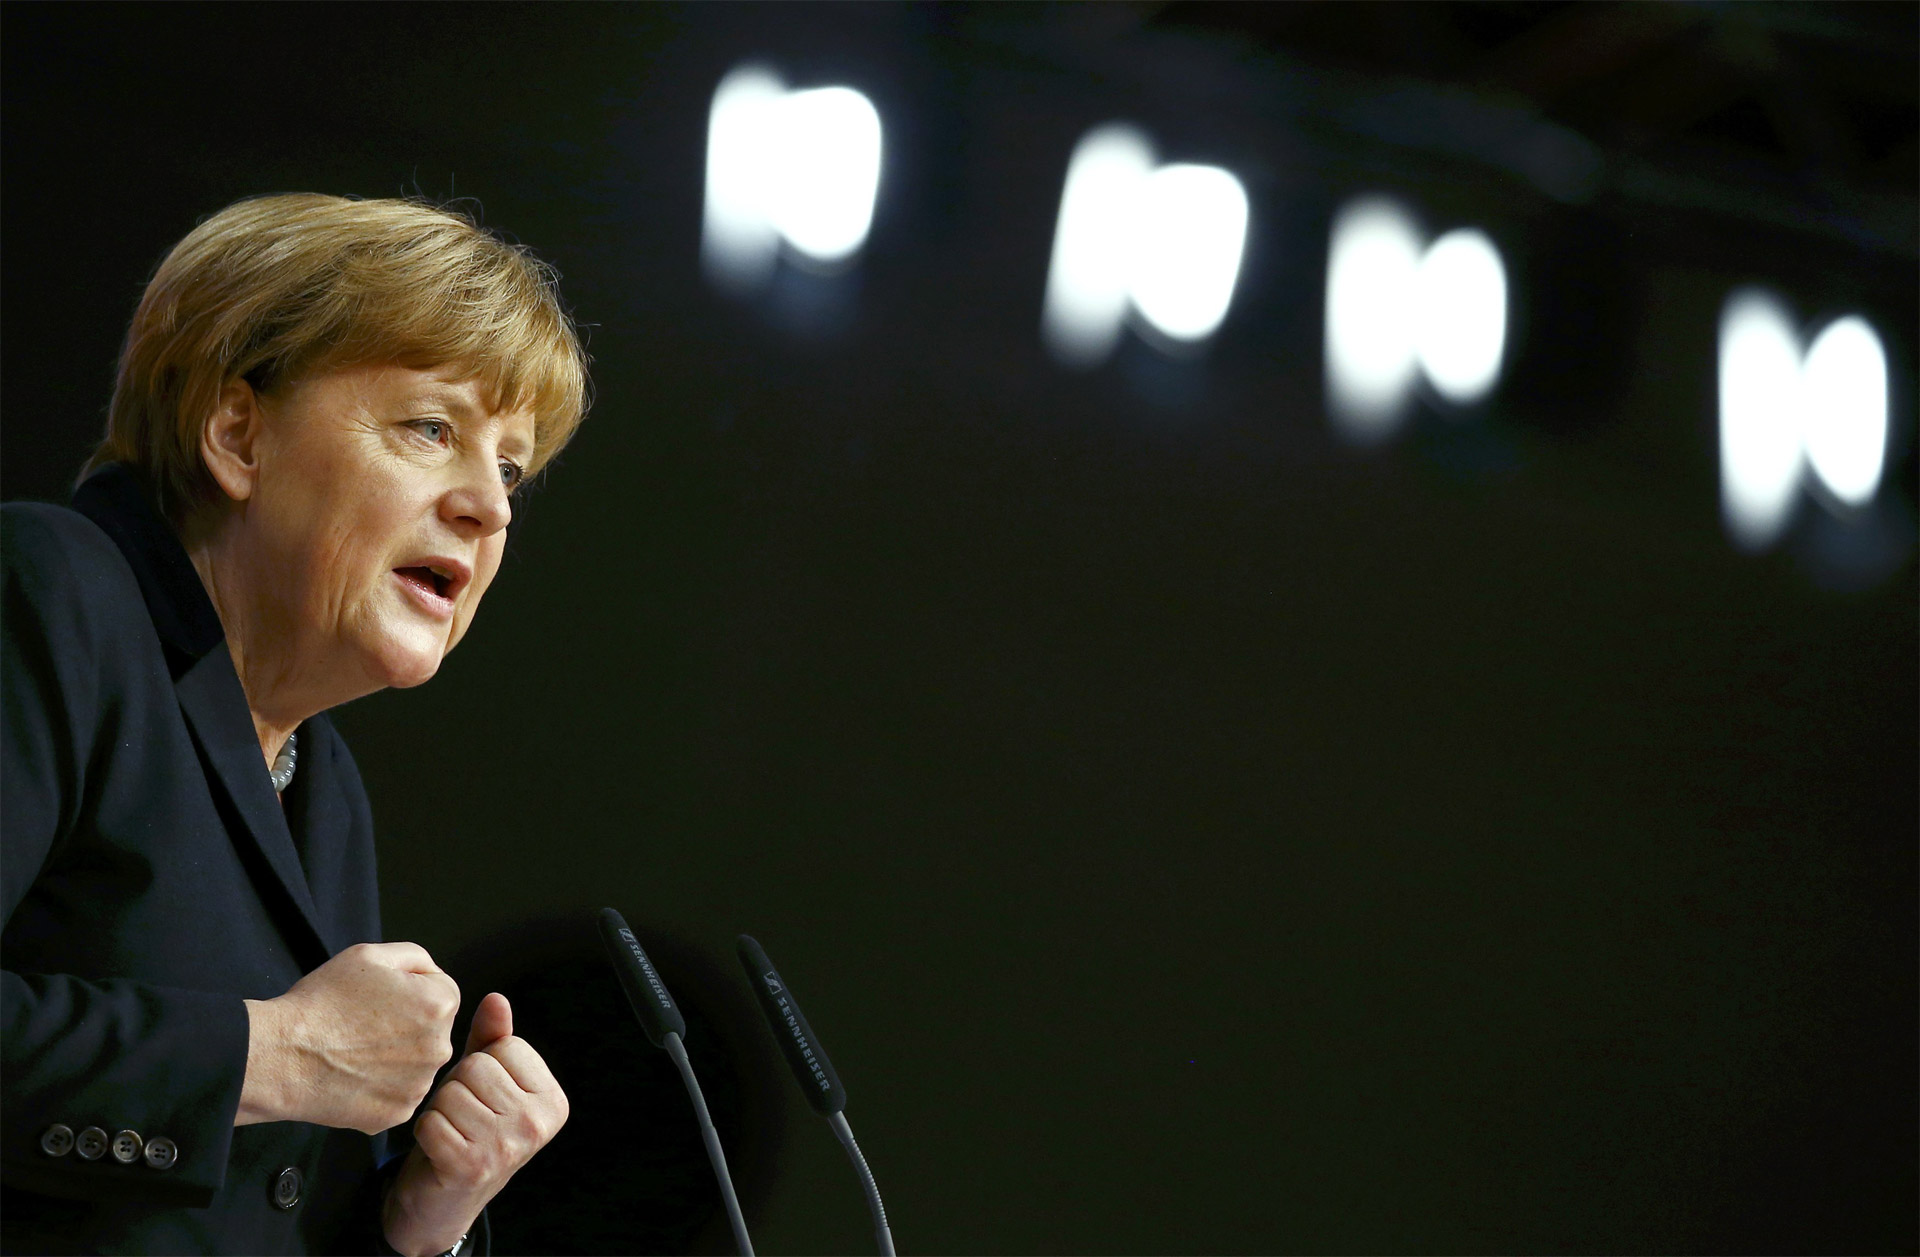 Tras los hechos ocurridos en Colonia el 31 de diciembre, autores del crimen que hayan pedido asilo podrán ser expulsados